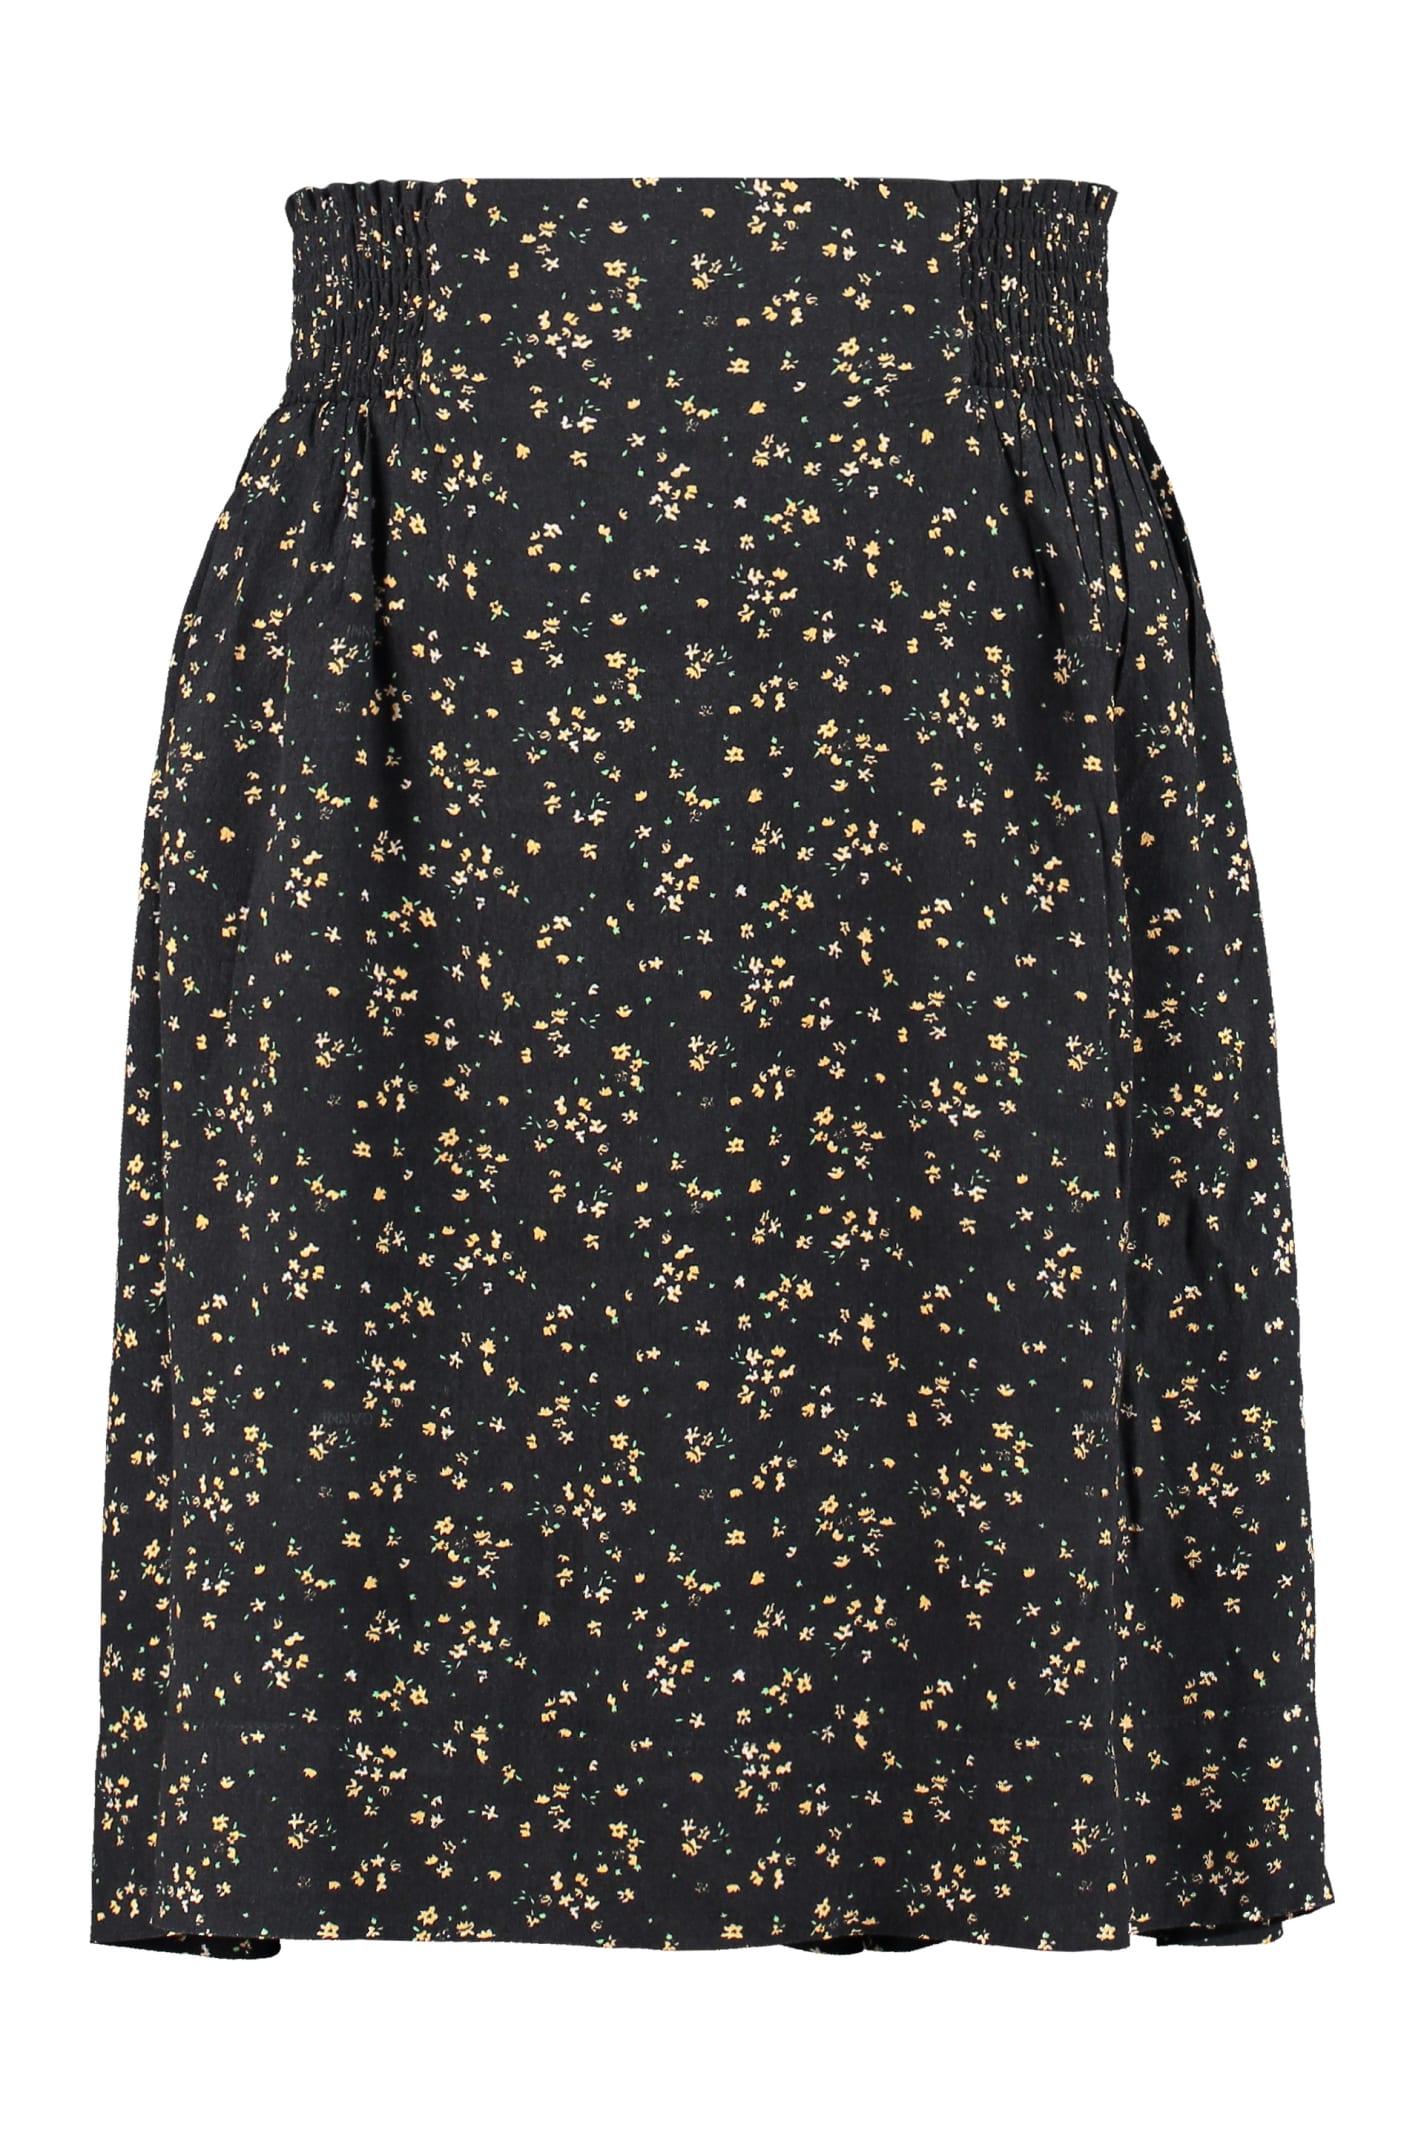 Ganni Skirts PRINTED SKIRT